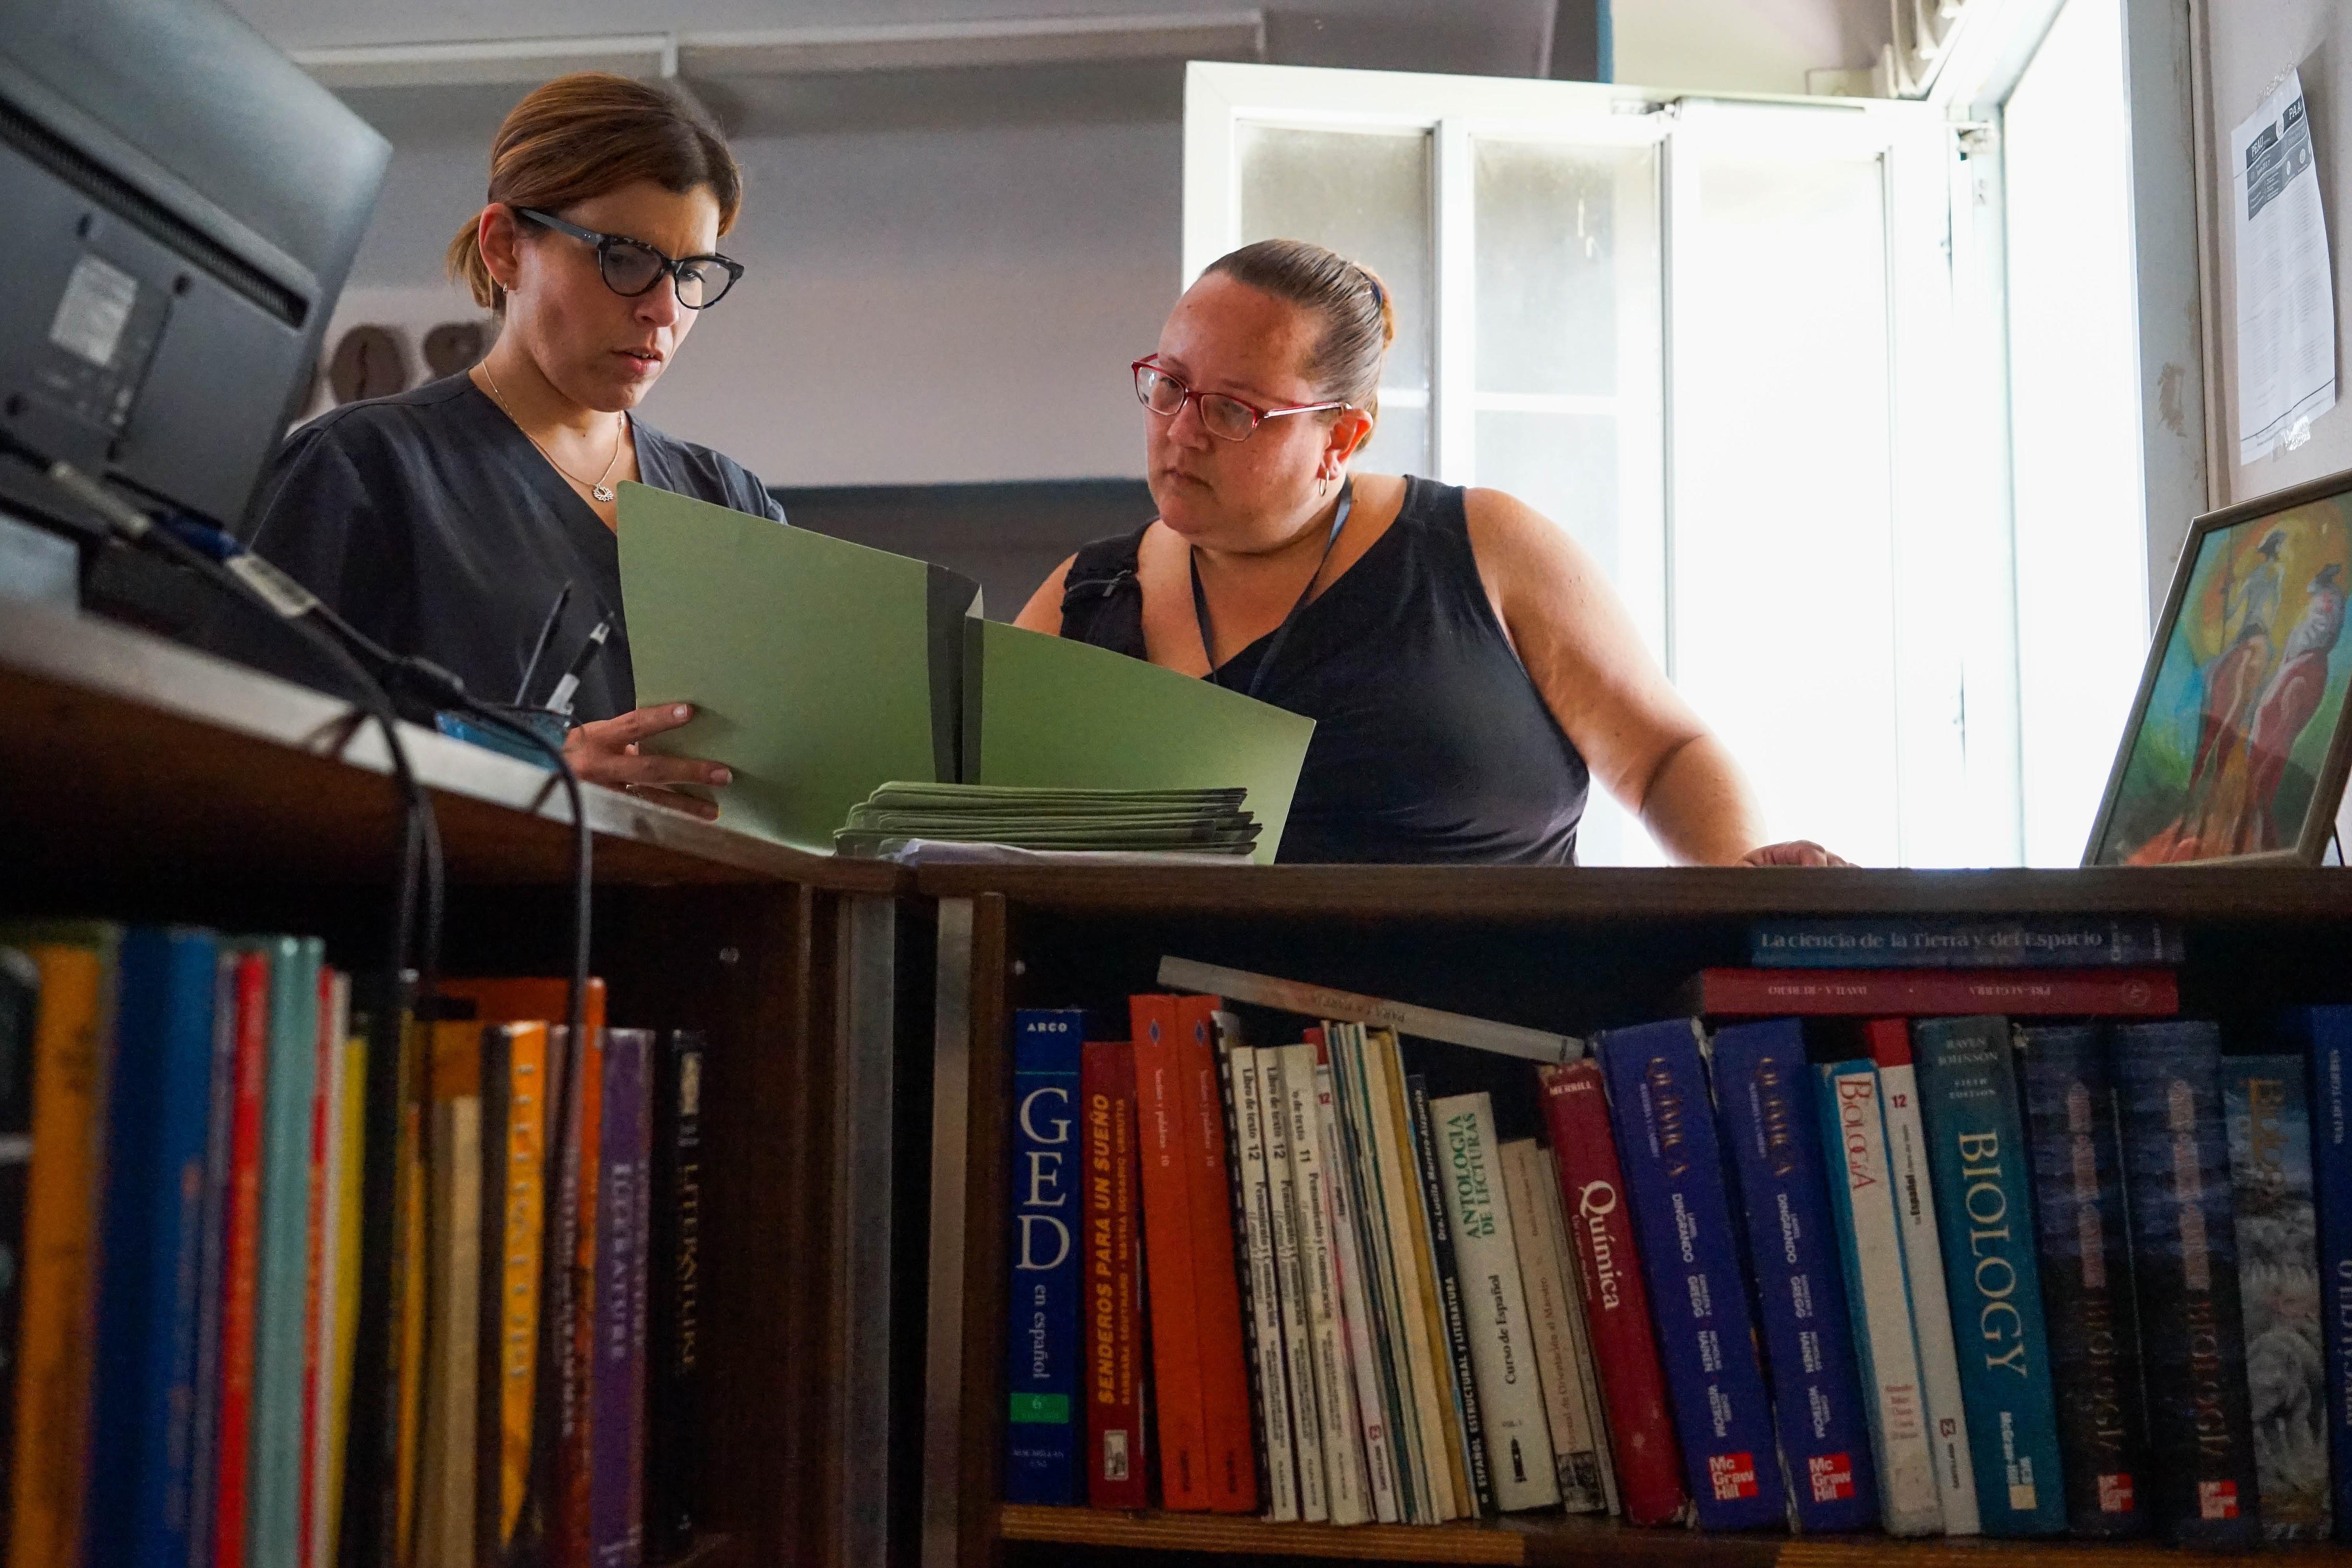 La Dra. Carla Rossotti y Lisel Vargas repasan el archivo de un paciente dentro de una biblioteca para niños que se convirtió en una clínica médica. (Lara Cooper/ Direct Relief)